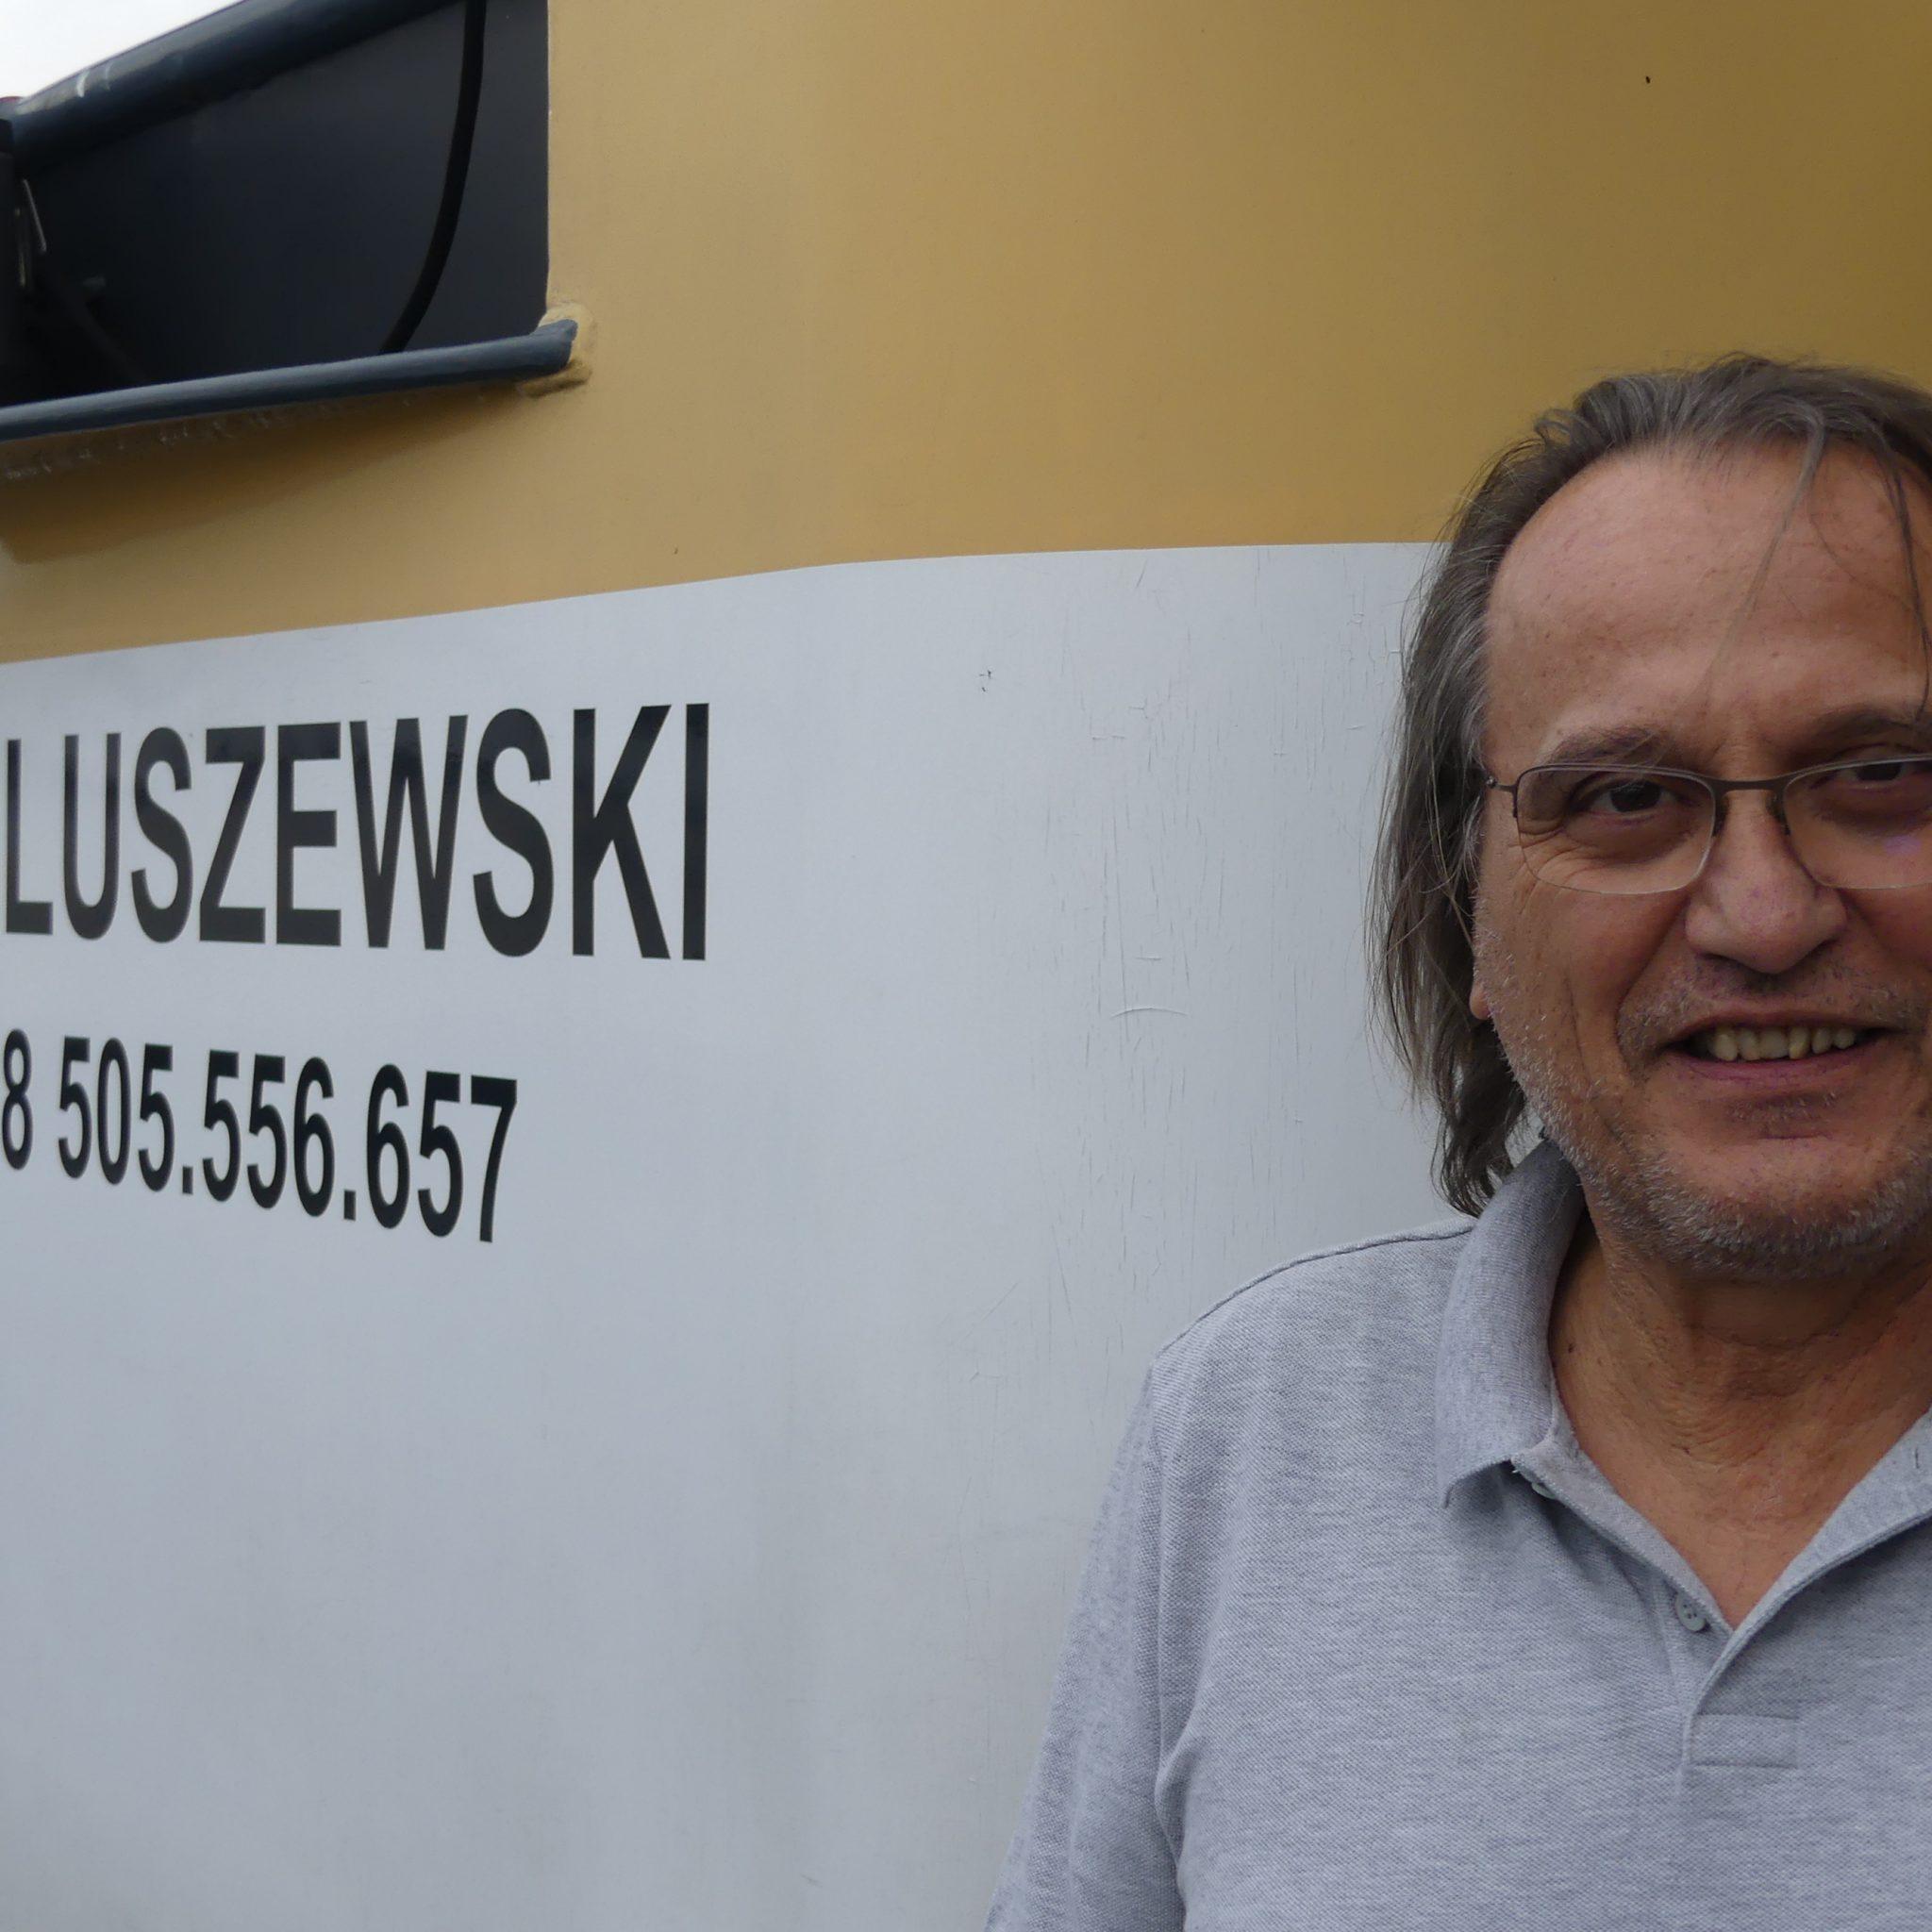 Andrzej Waluszewski ontsnapte op gedurfde wijze uit communistisch Polen. Voordat hij schipper-eigenaar van de kempenaar Hannibal werd, was hij kapitein op megajachten van superrijken in de Middellandse Zee.